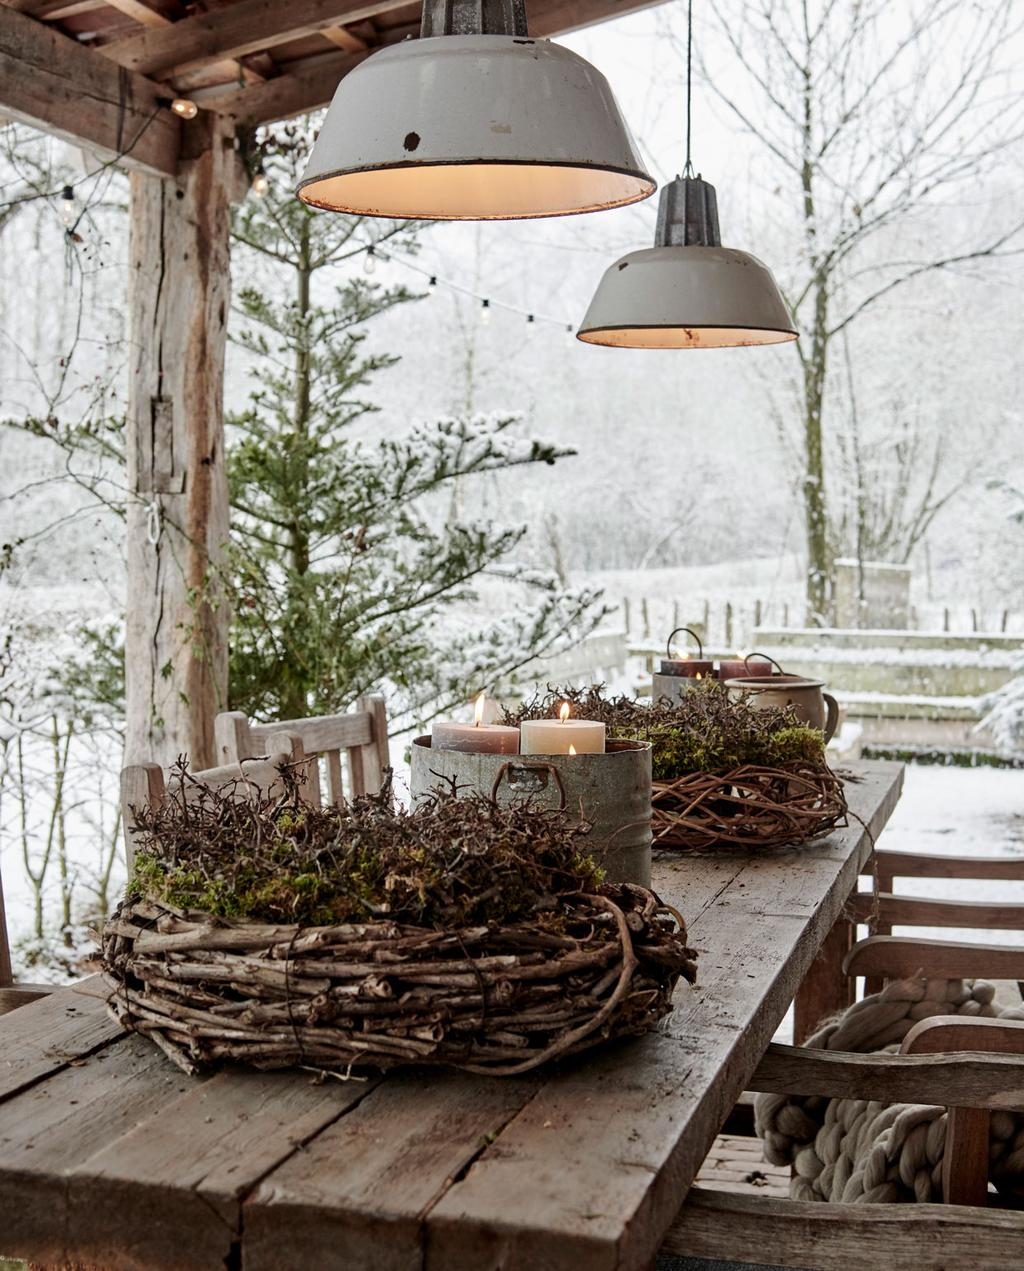 vtwonen 12-2019 | Binnenkijken in een boerderij in Aalten buitentafel